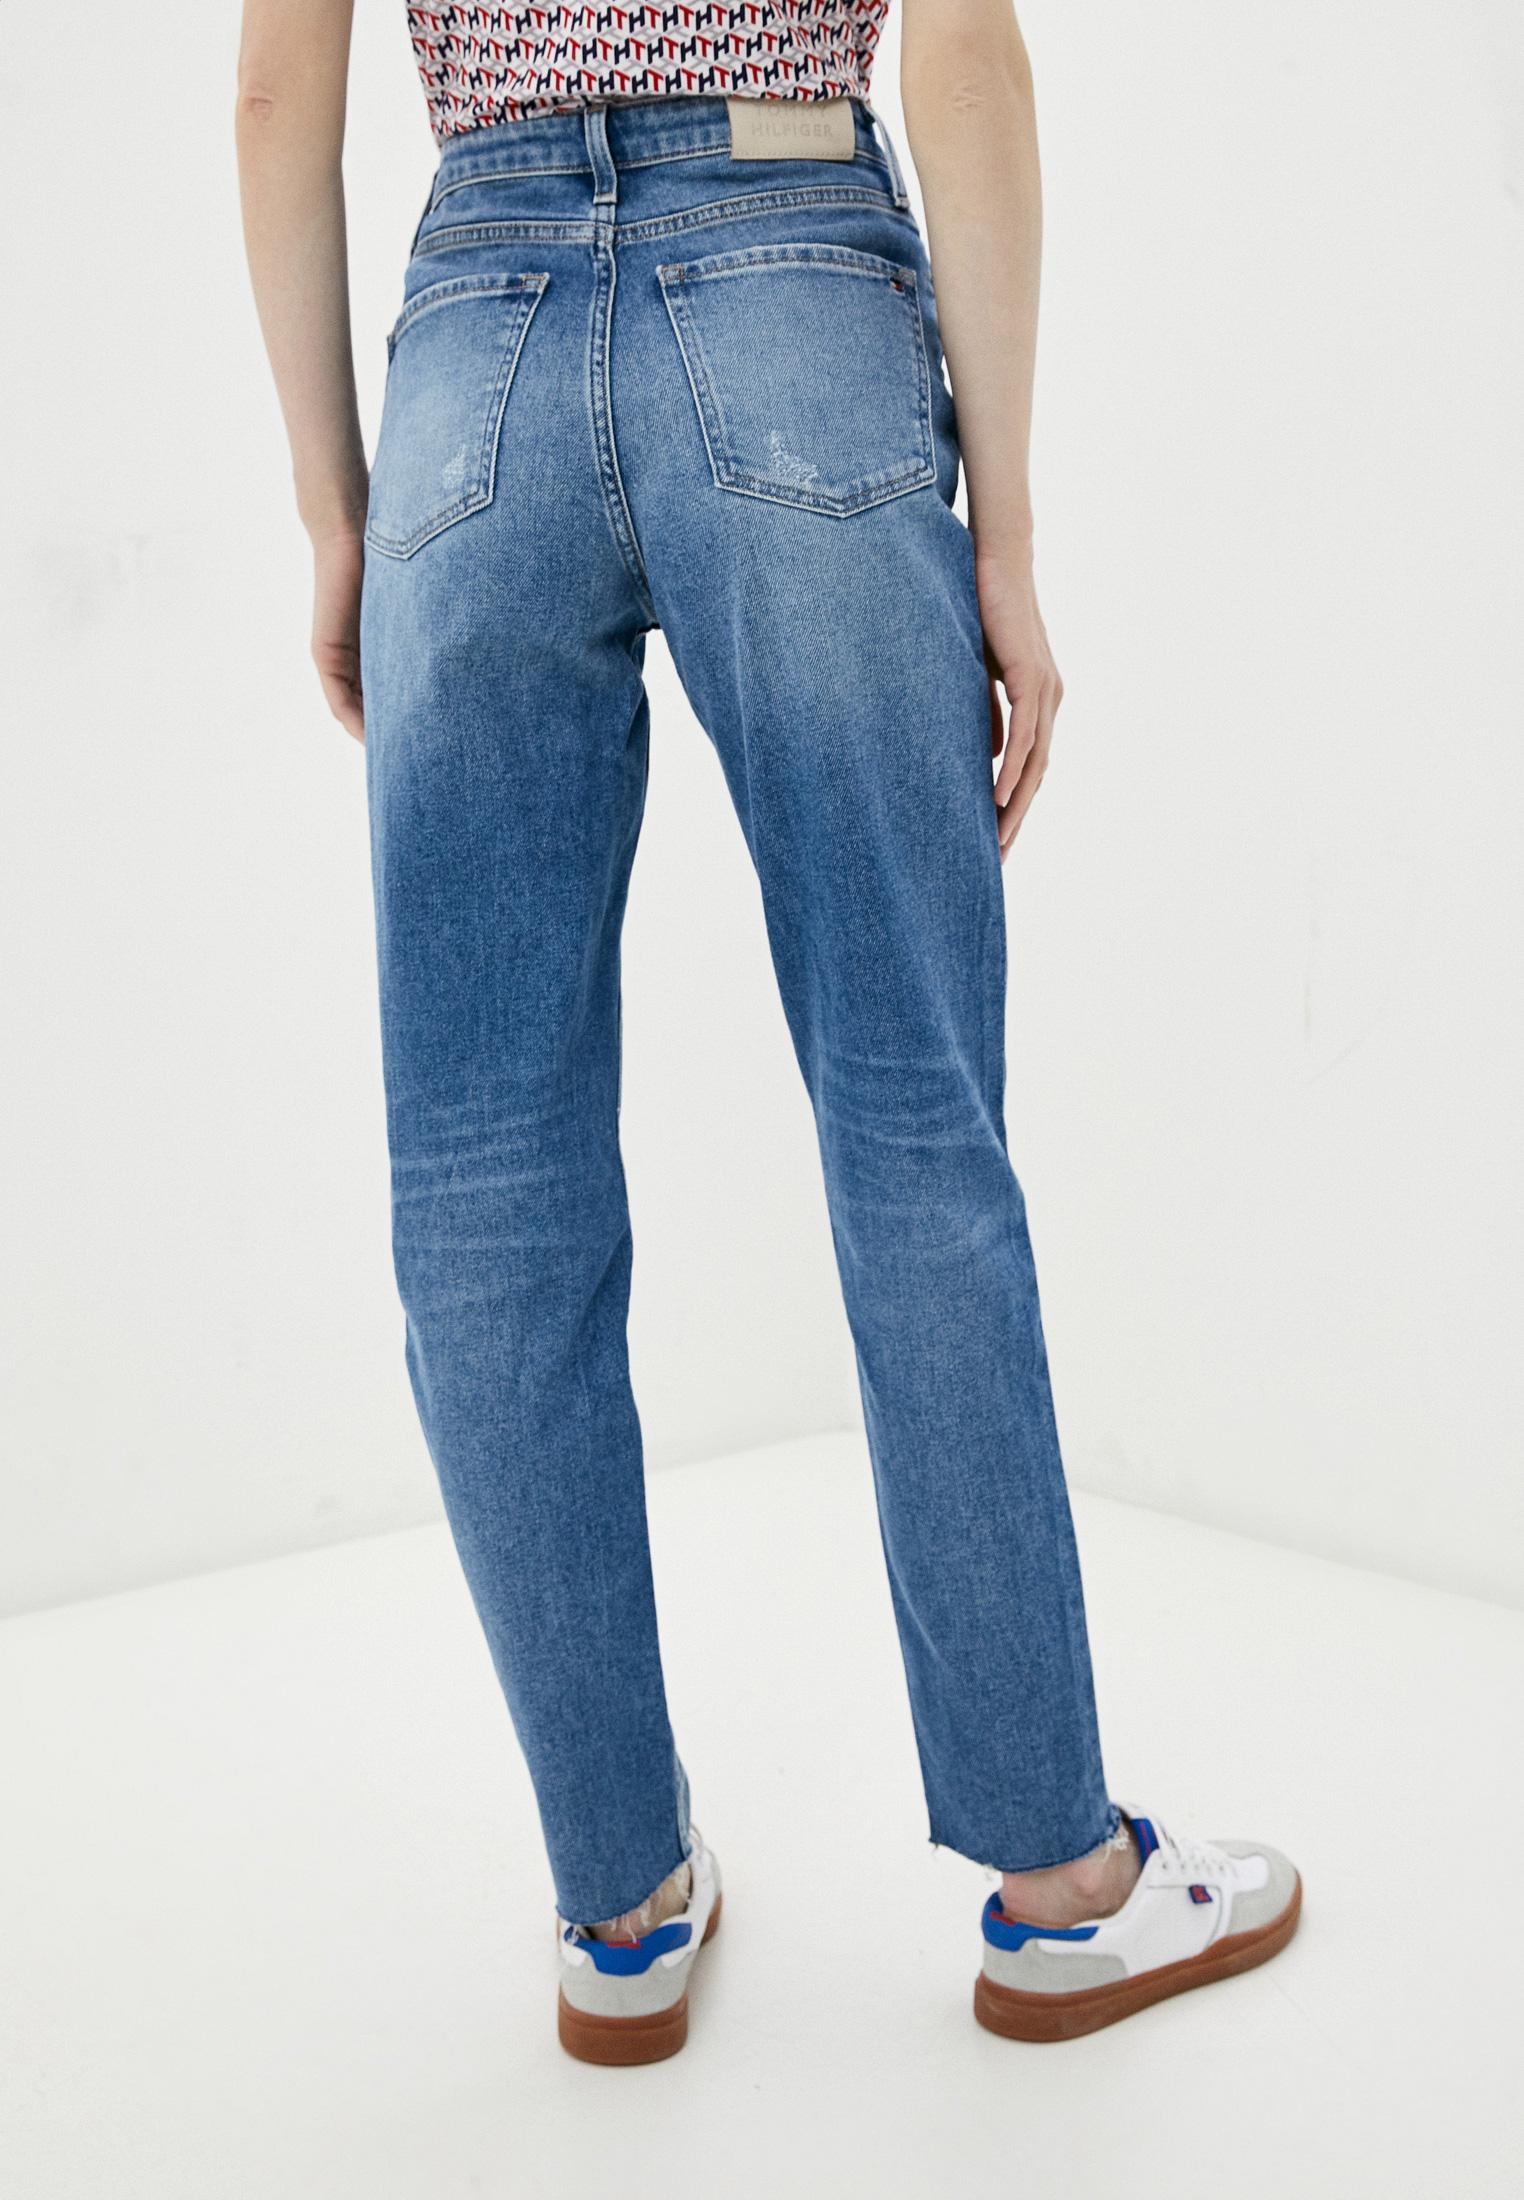 Прямые джинсы Tommy Hilfiger (Томми Хилфигер) WW0WW30218: изображение 3